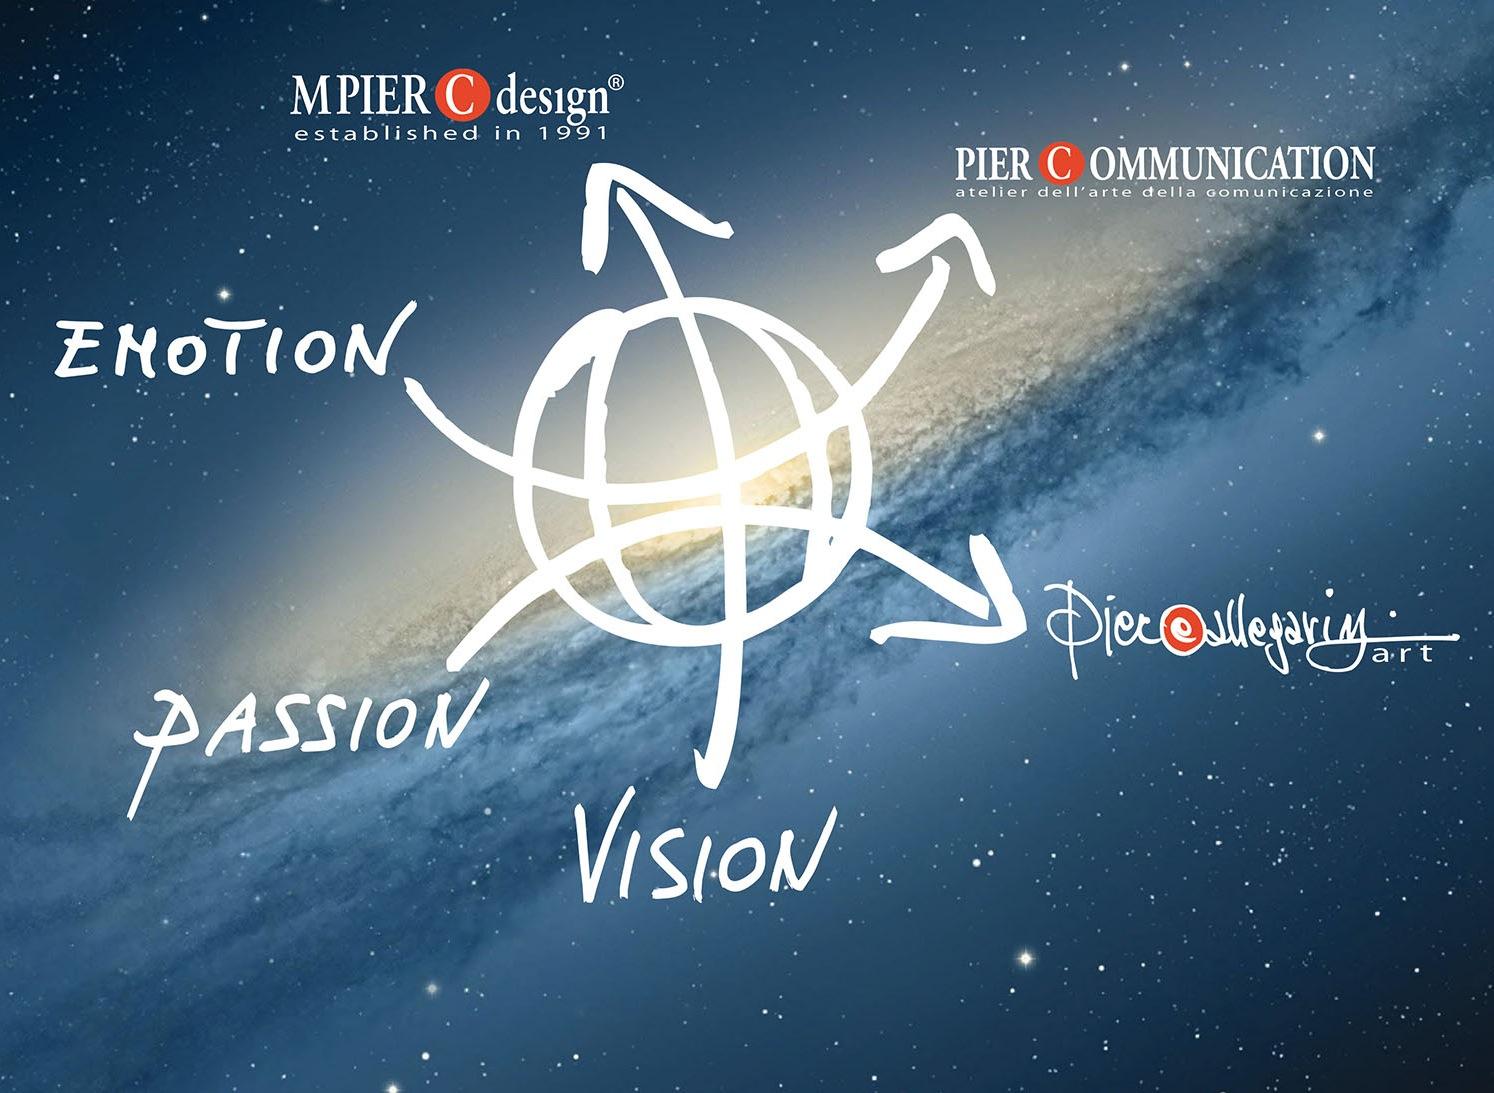 mpiercdesign_home page